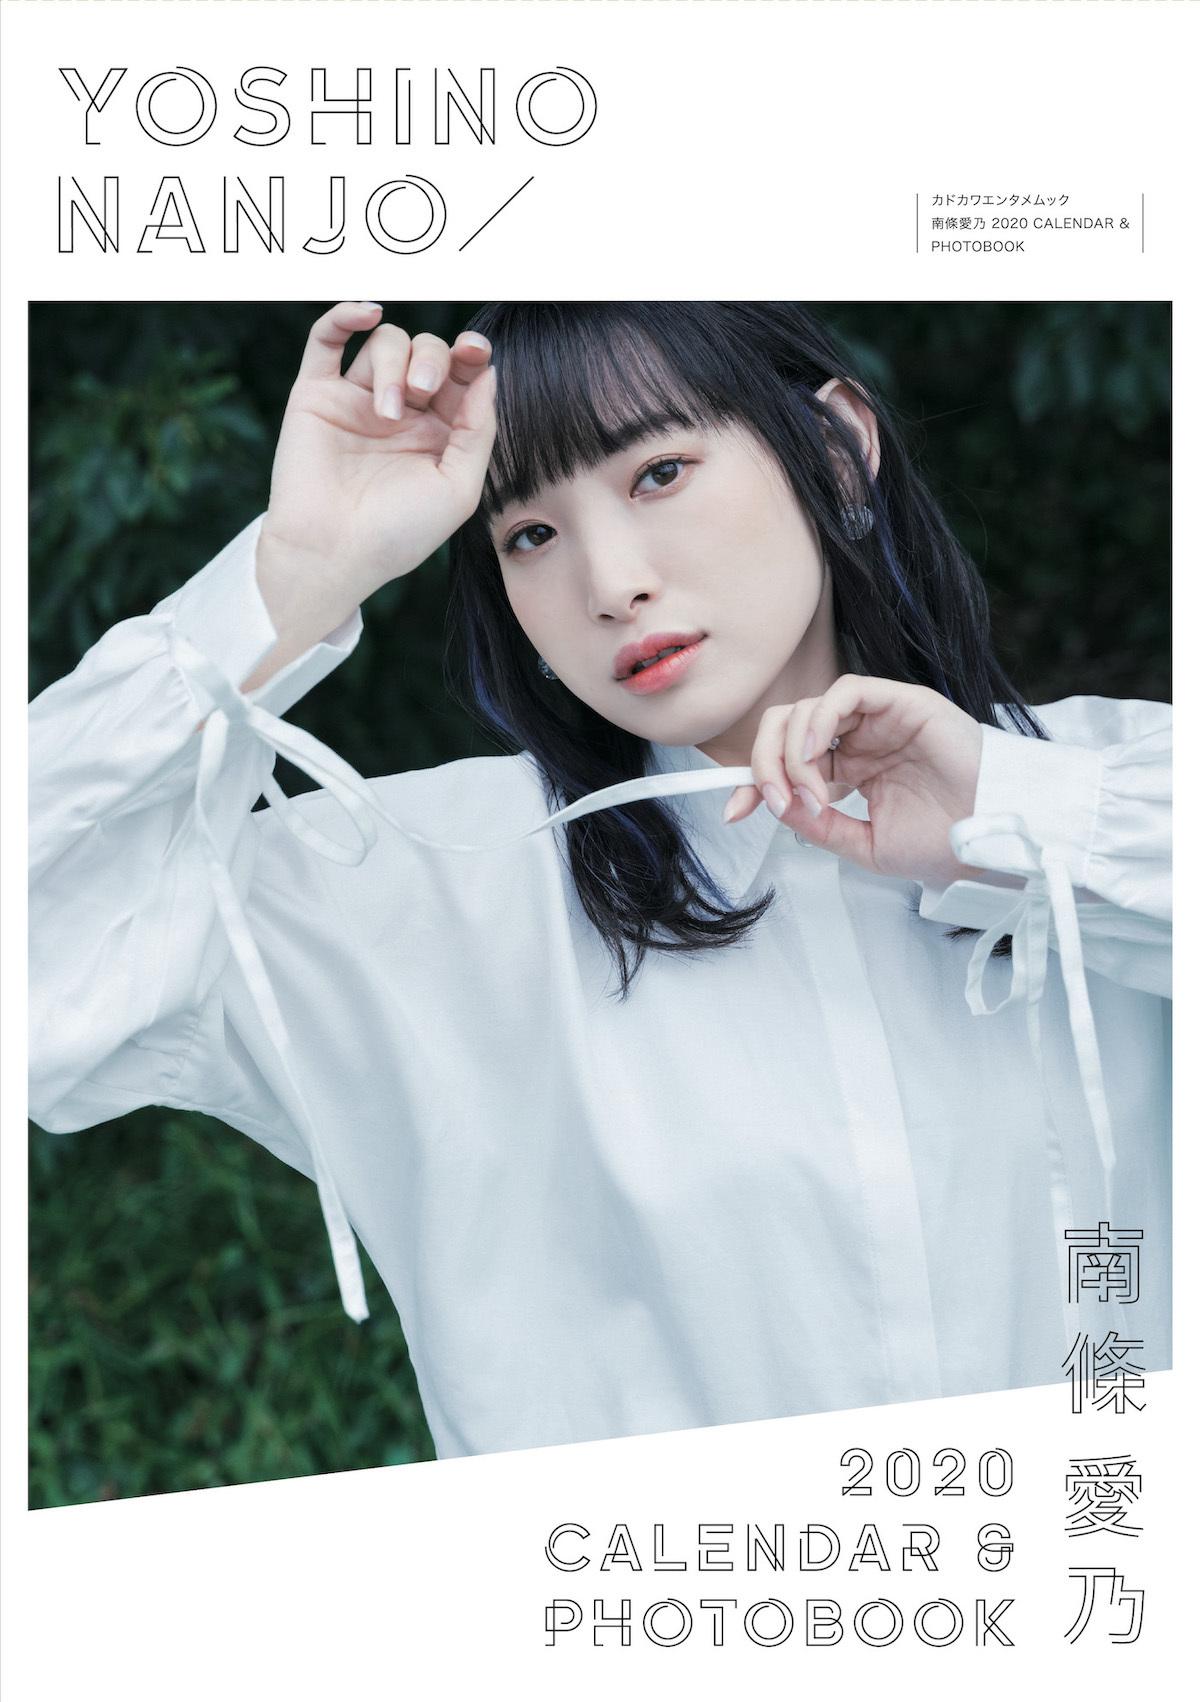 「南條愛乃 2020 CALENDAR & PHOTOBOOK」ブックスリーブケースの表紙 Photo by 加藤アラタ